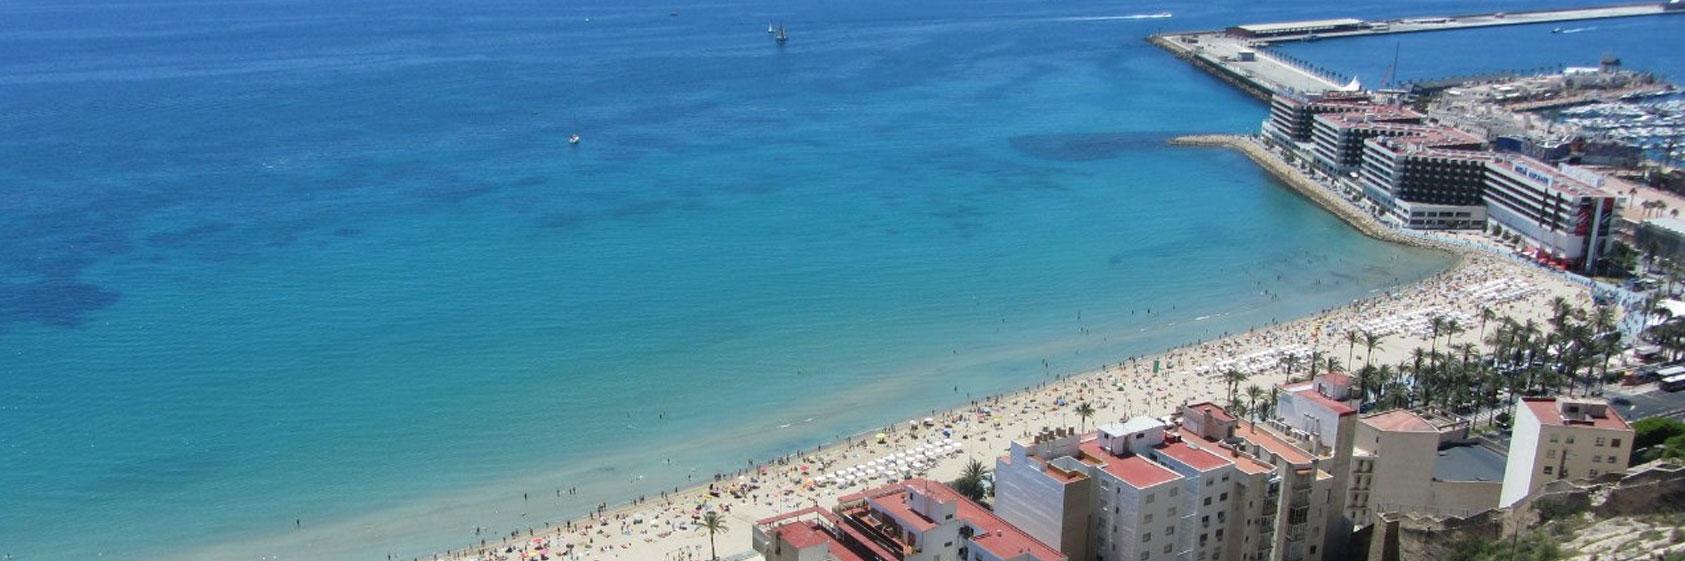 Alicante - Jóvenes